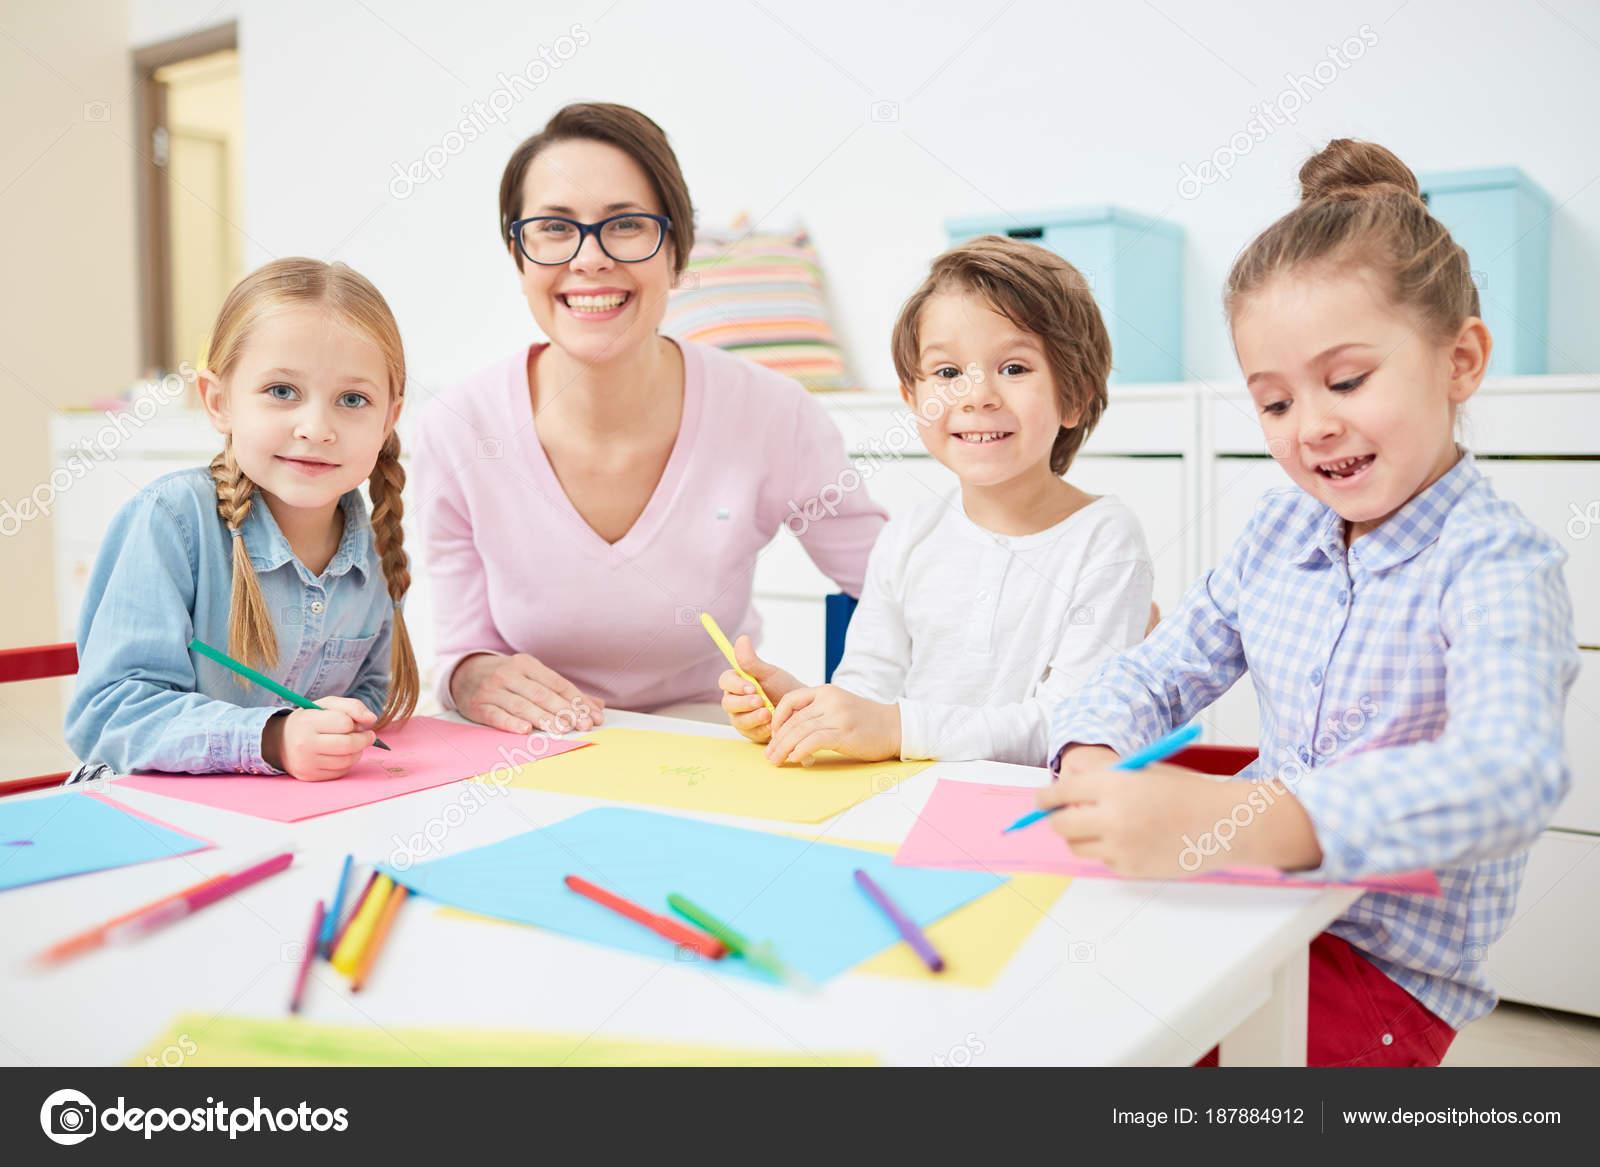 Mutlu Genç öğretmen Küçük Grup çok Güzel çocuk Anaokulunda Boya